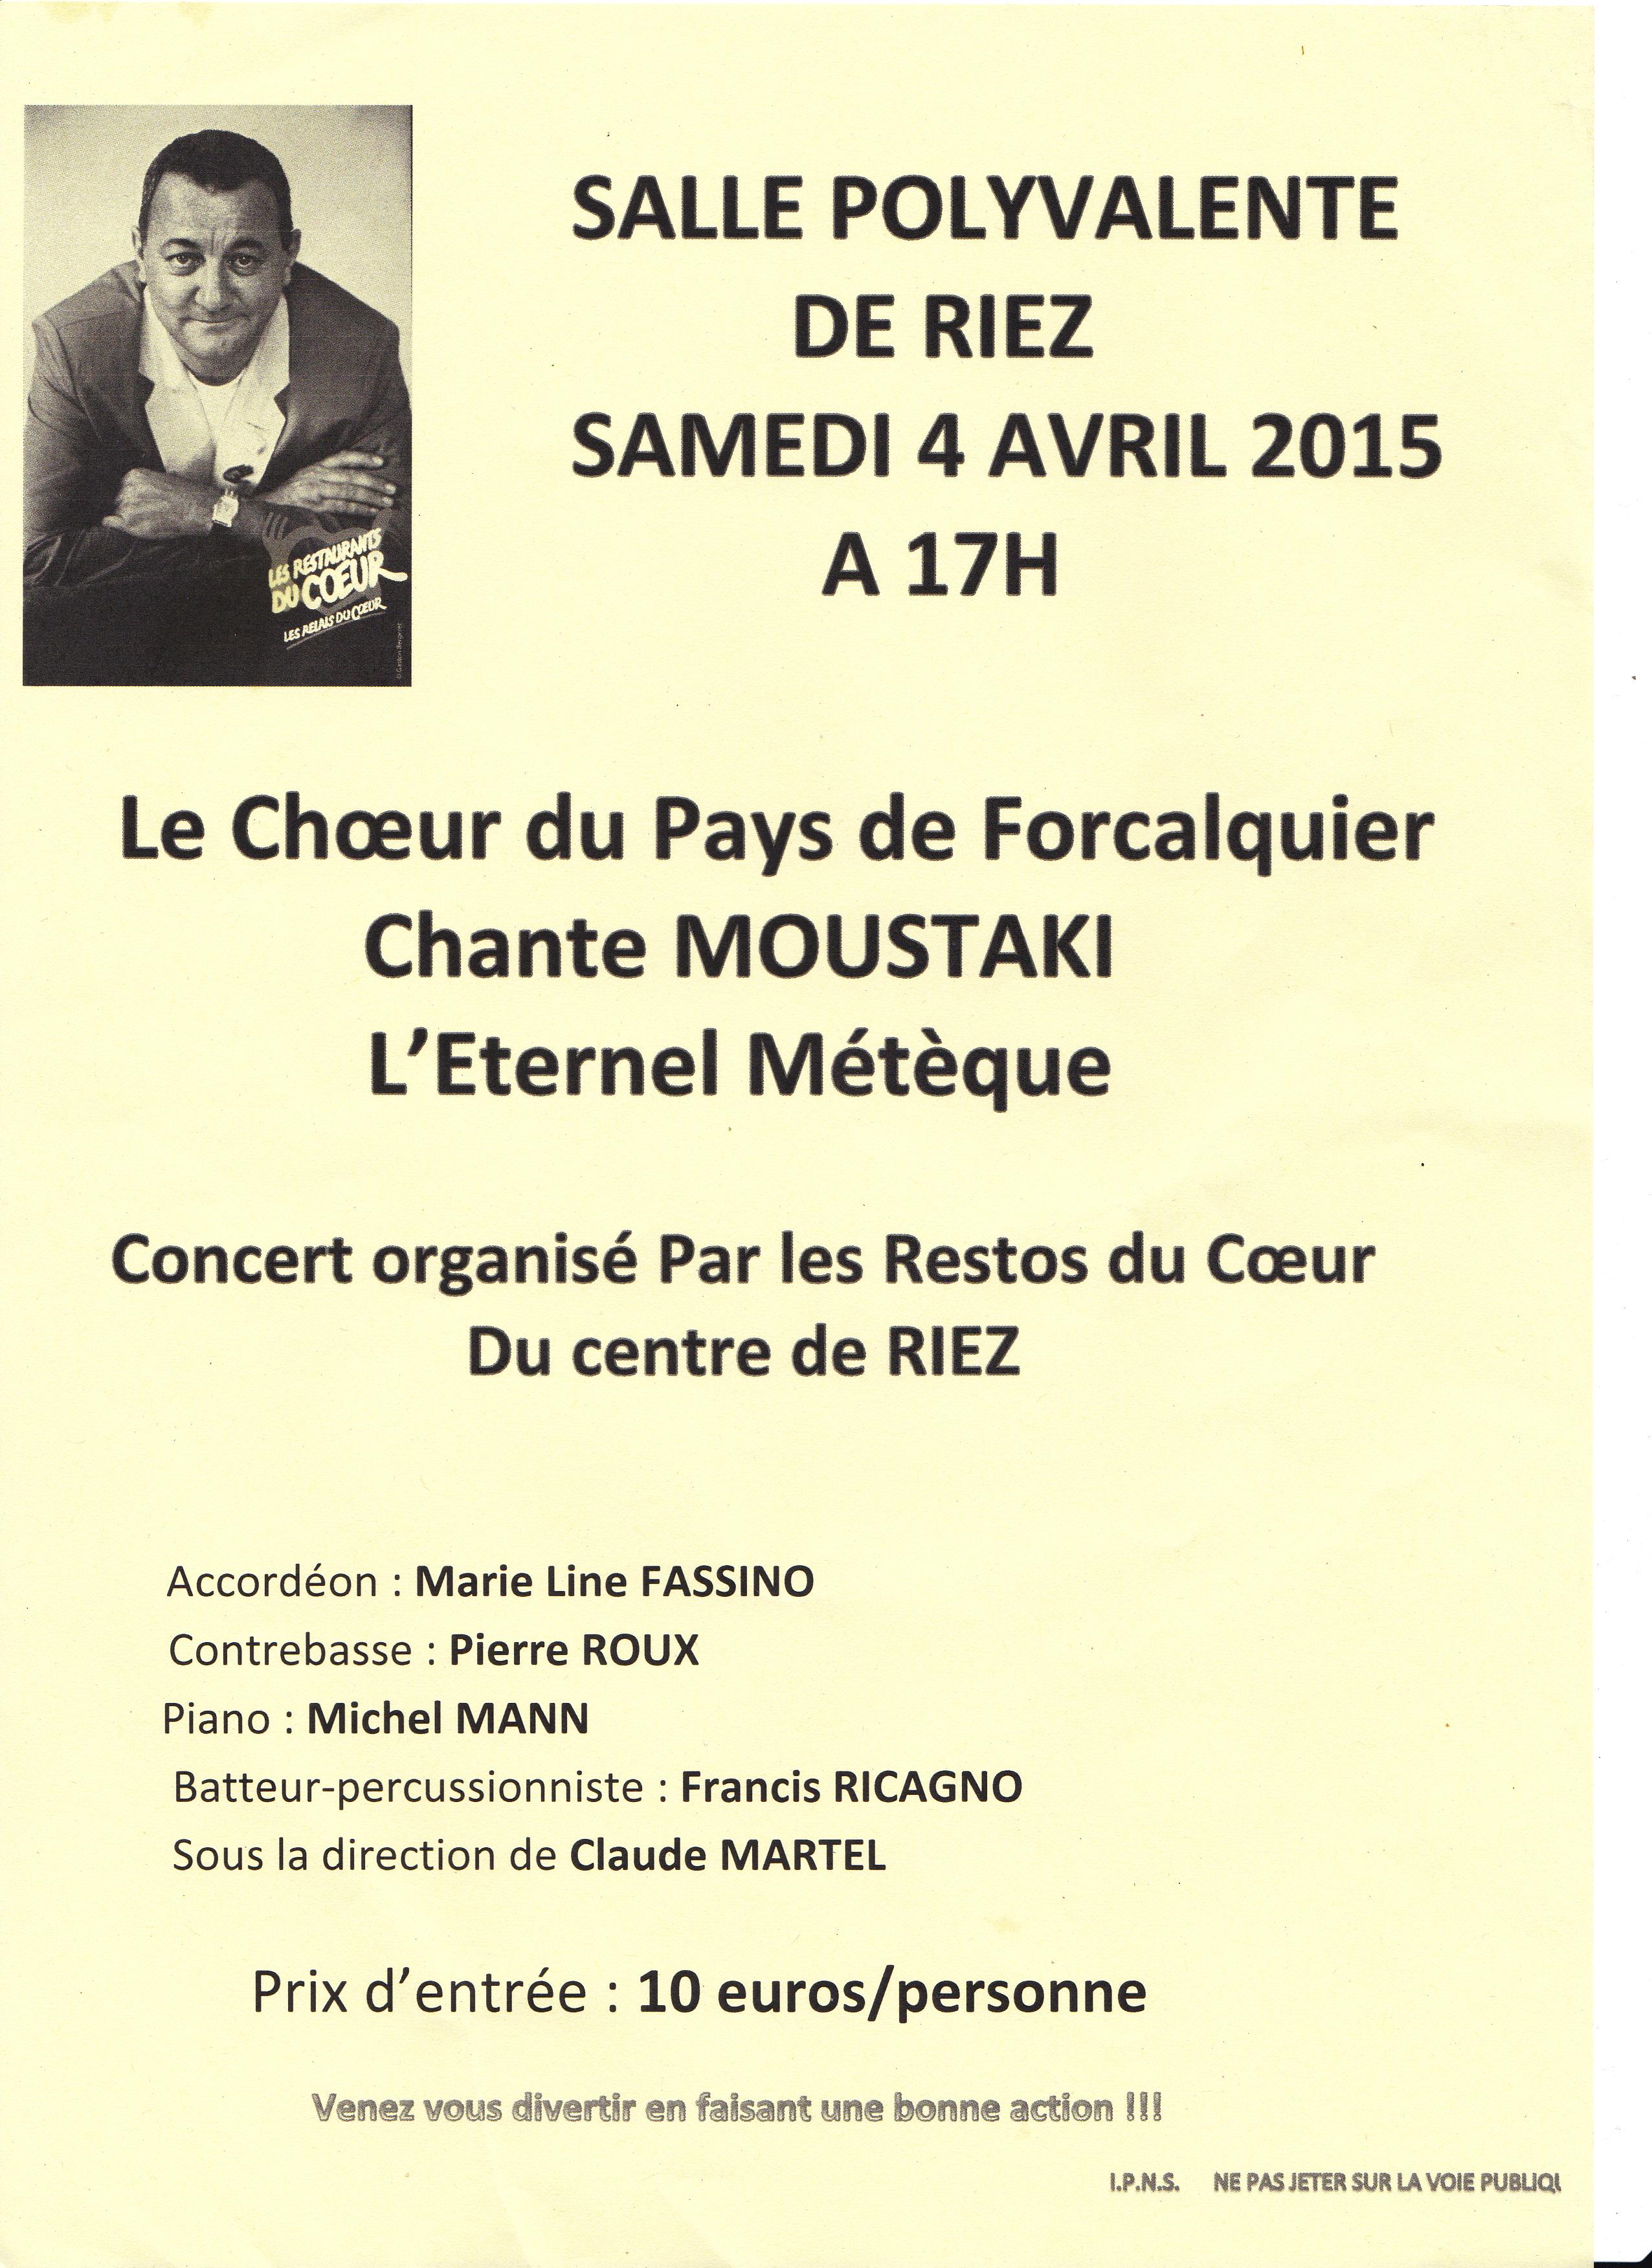 Concert de soutien aux « Restos du Cœur » de Riez par le chœur du pays de Forcalquier